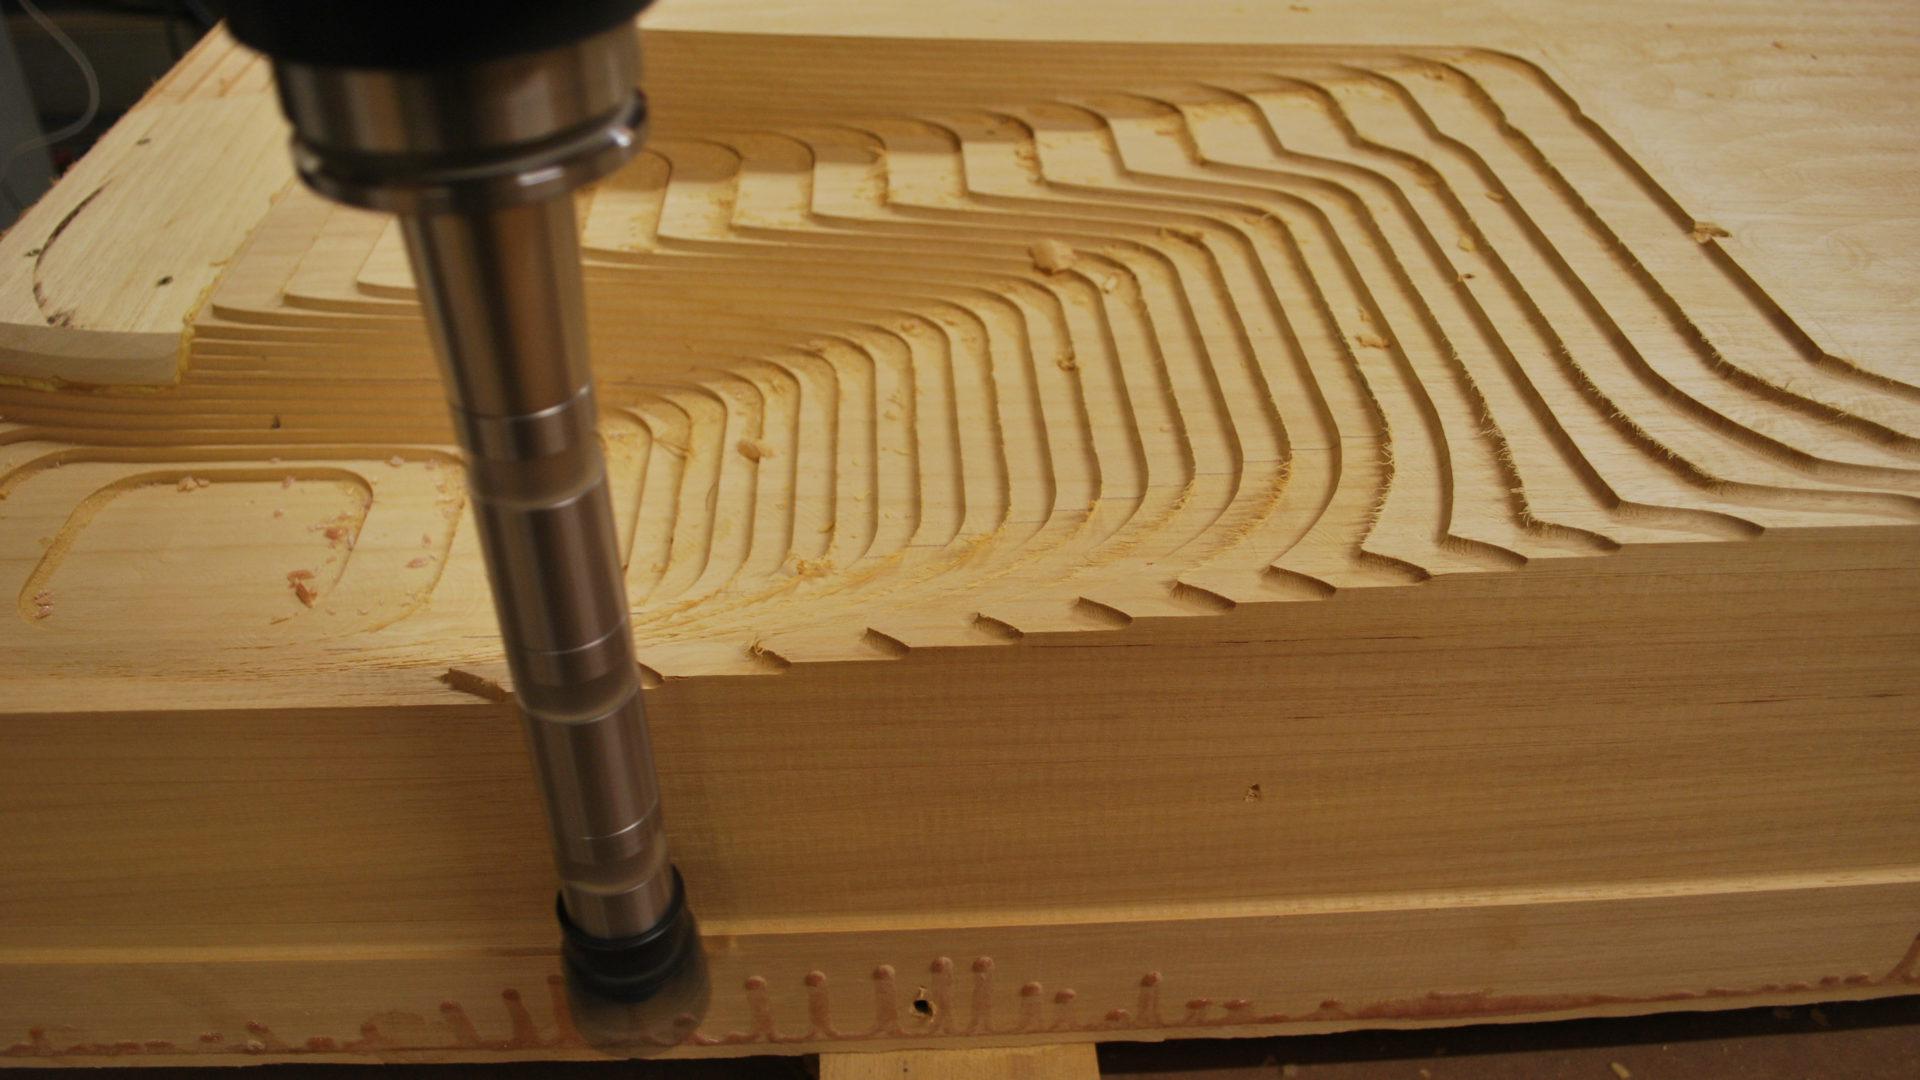 Detailansicht des KUKA KR 210 Roboter beim Fräsen eines Holzmodells. Seitenansicht.